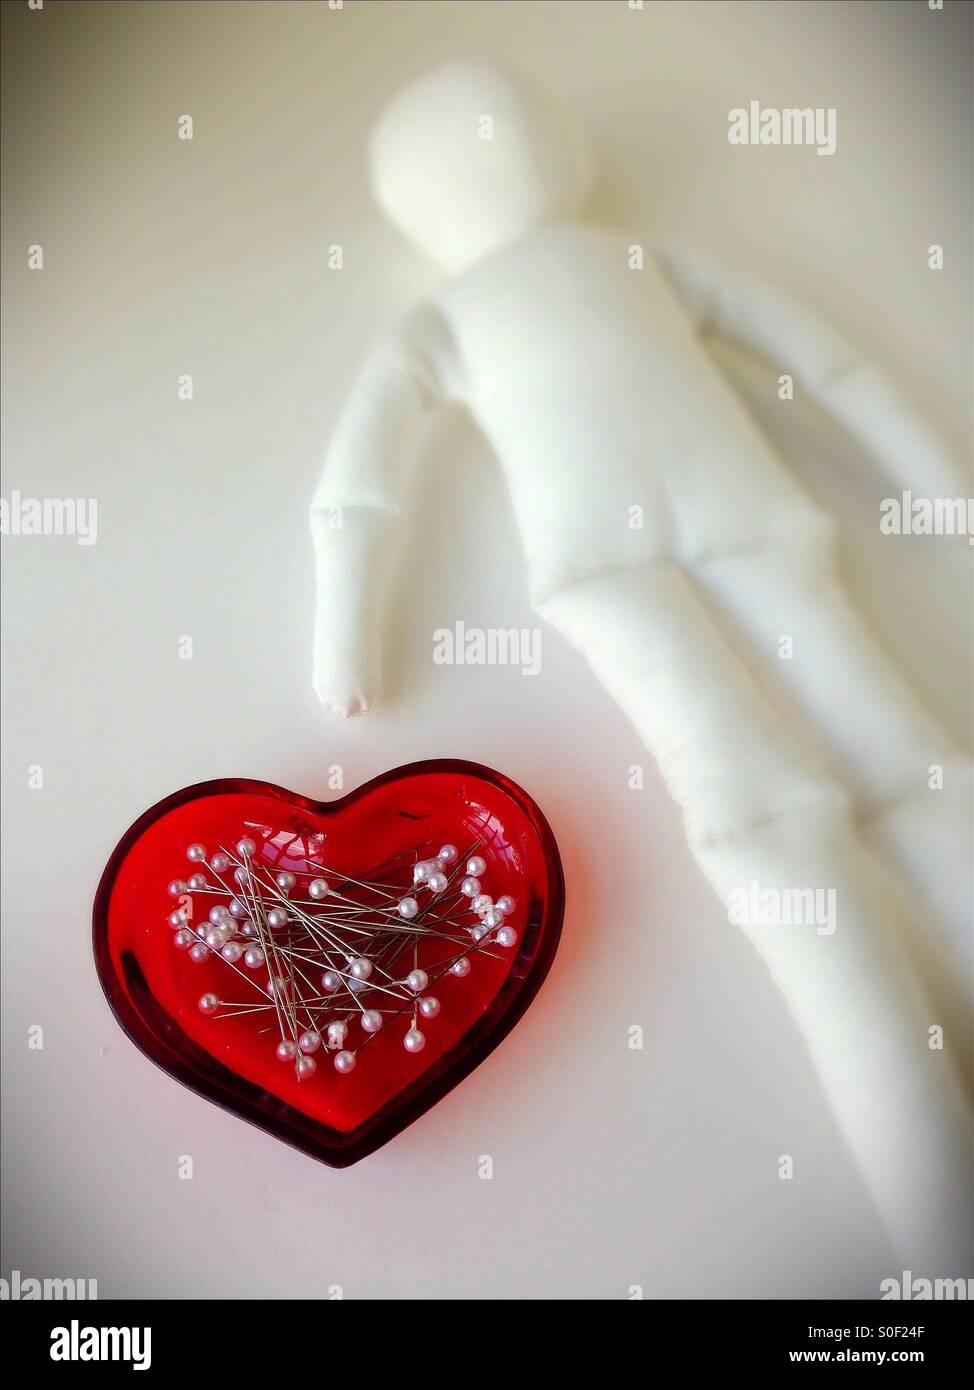 Pasadores en un plato en forma de corazón junto a un muñeco vudú en blanco. Imagen De Stock